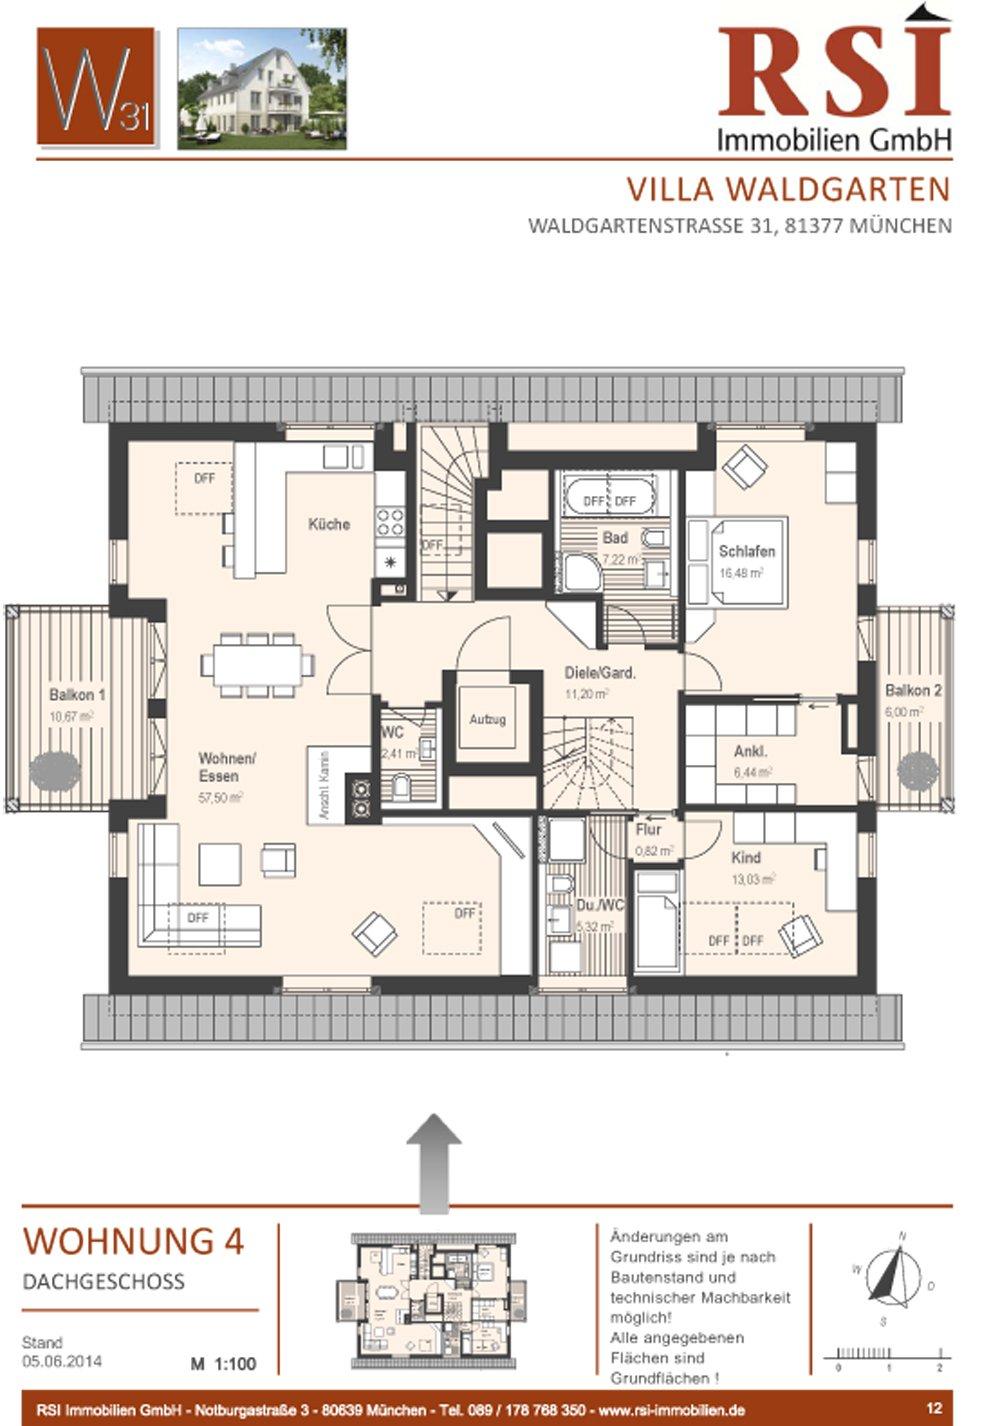 Grundrisse und Pläne vom Bauvorhaben 4-Familienhaus-Villa in ... size: 1000 x 1426 post ID: 8 File size: 0 B